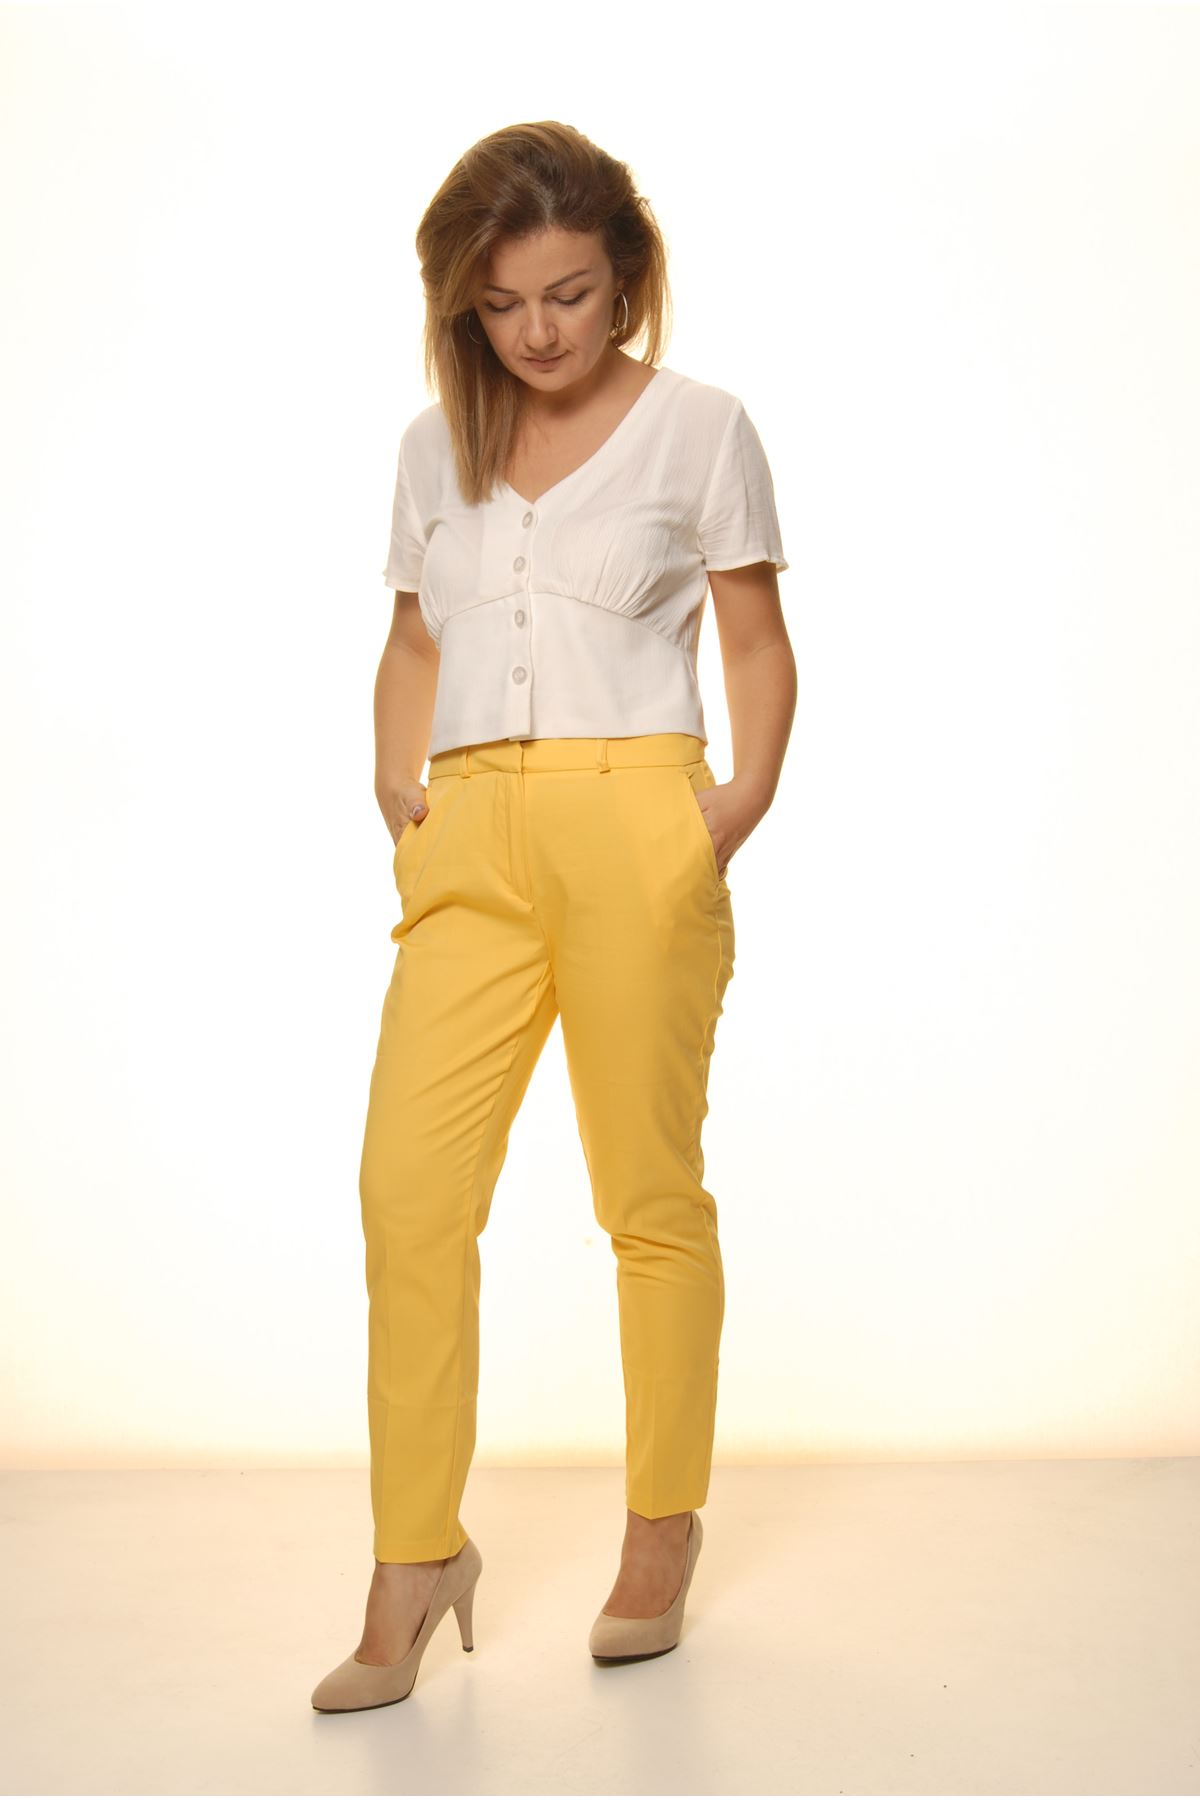 Kadın Sarı Mevsimlik Yüksek Bel Kumaş Pantolon 16E-4053